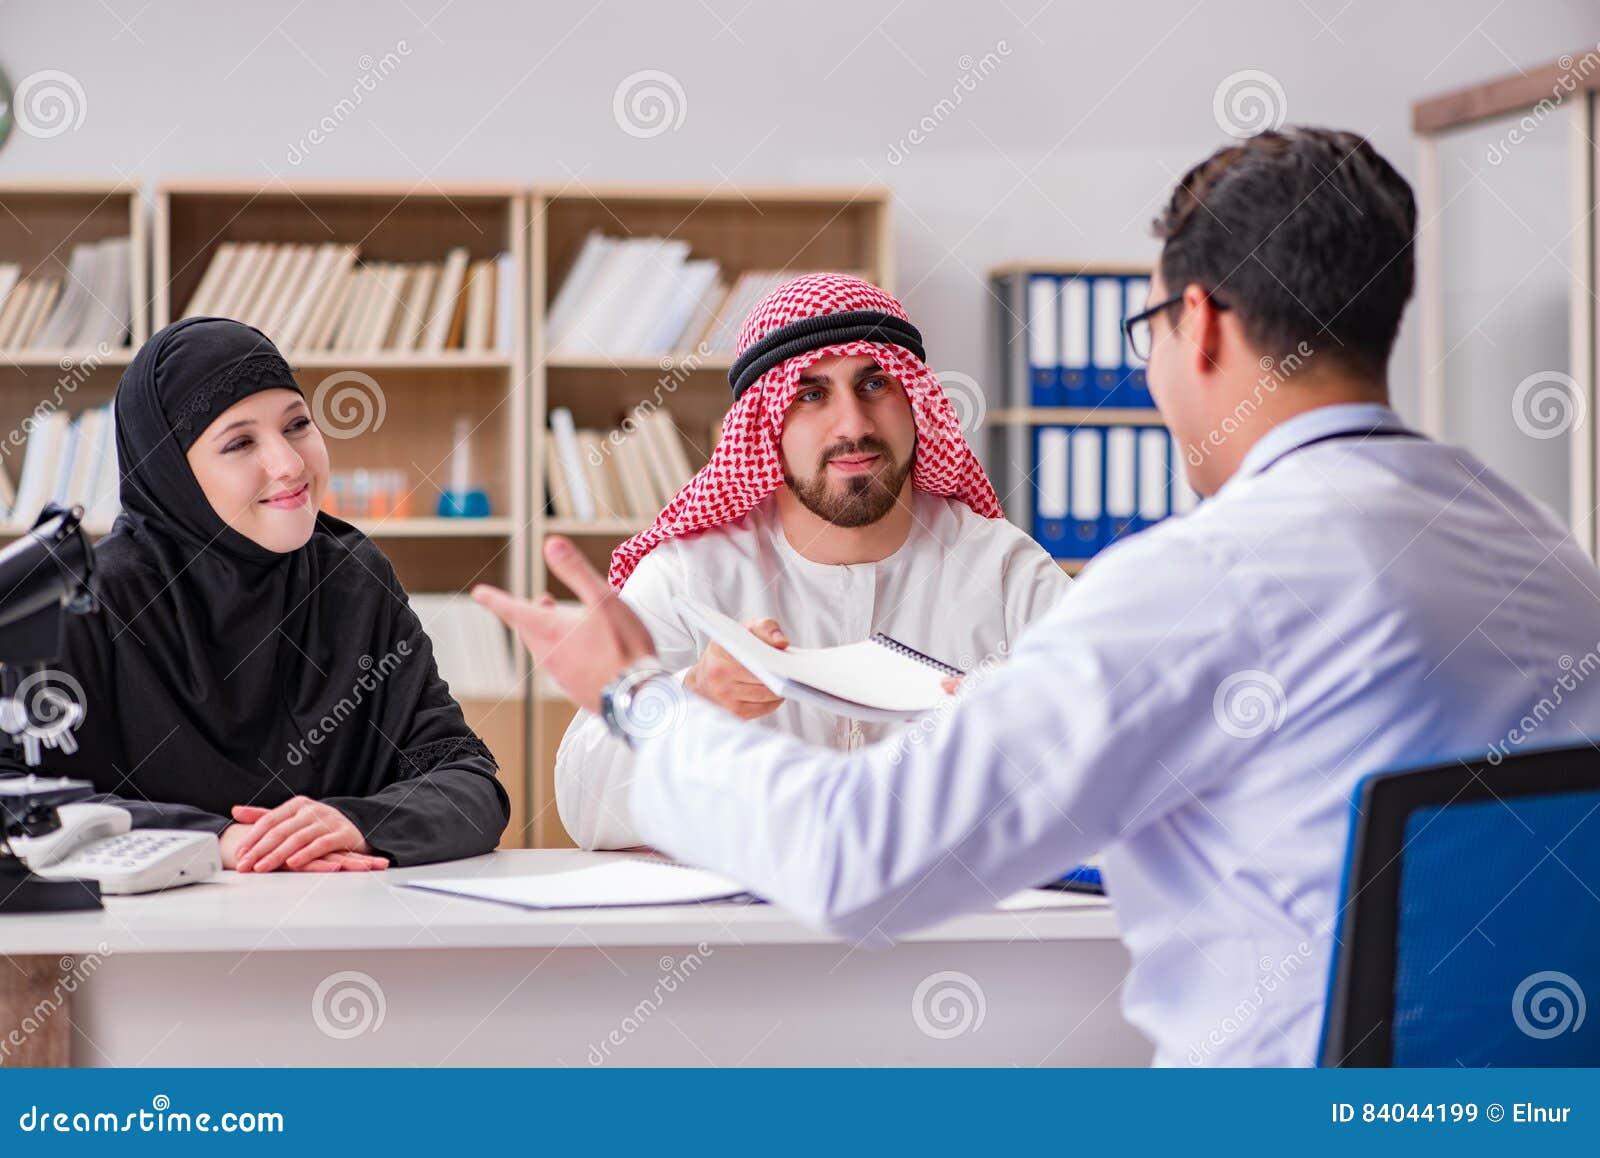 El doctor que consulta a la familia árabe en el hospital